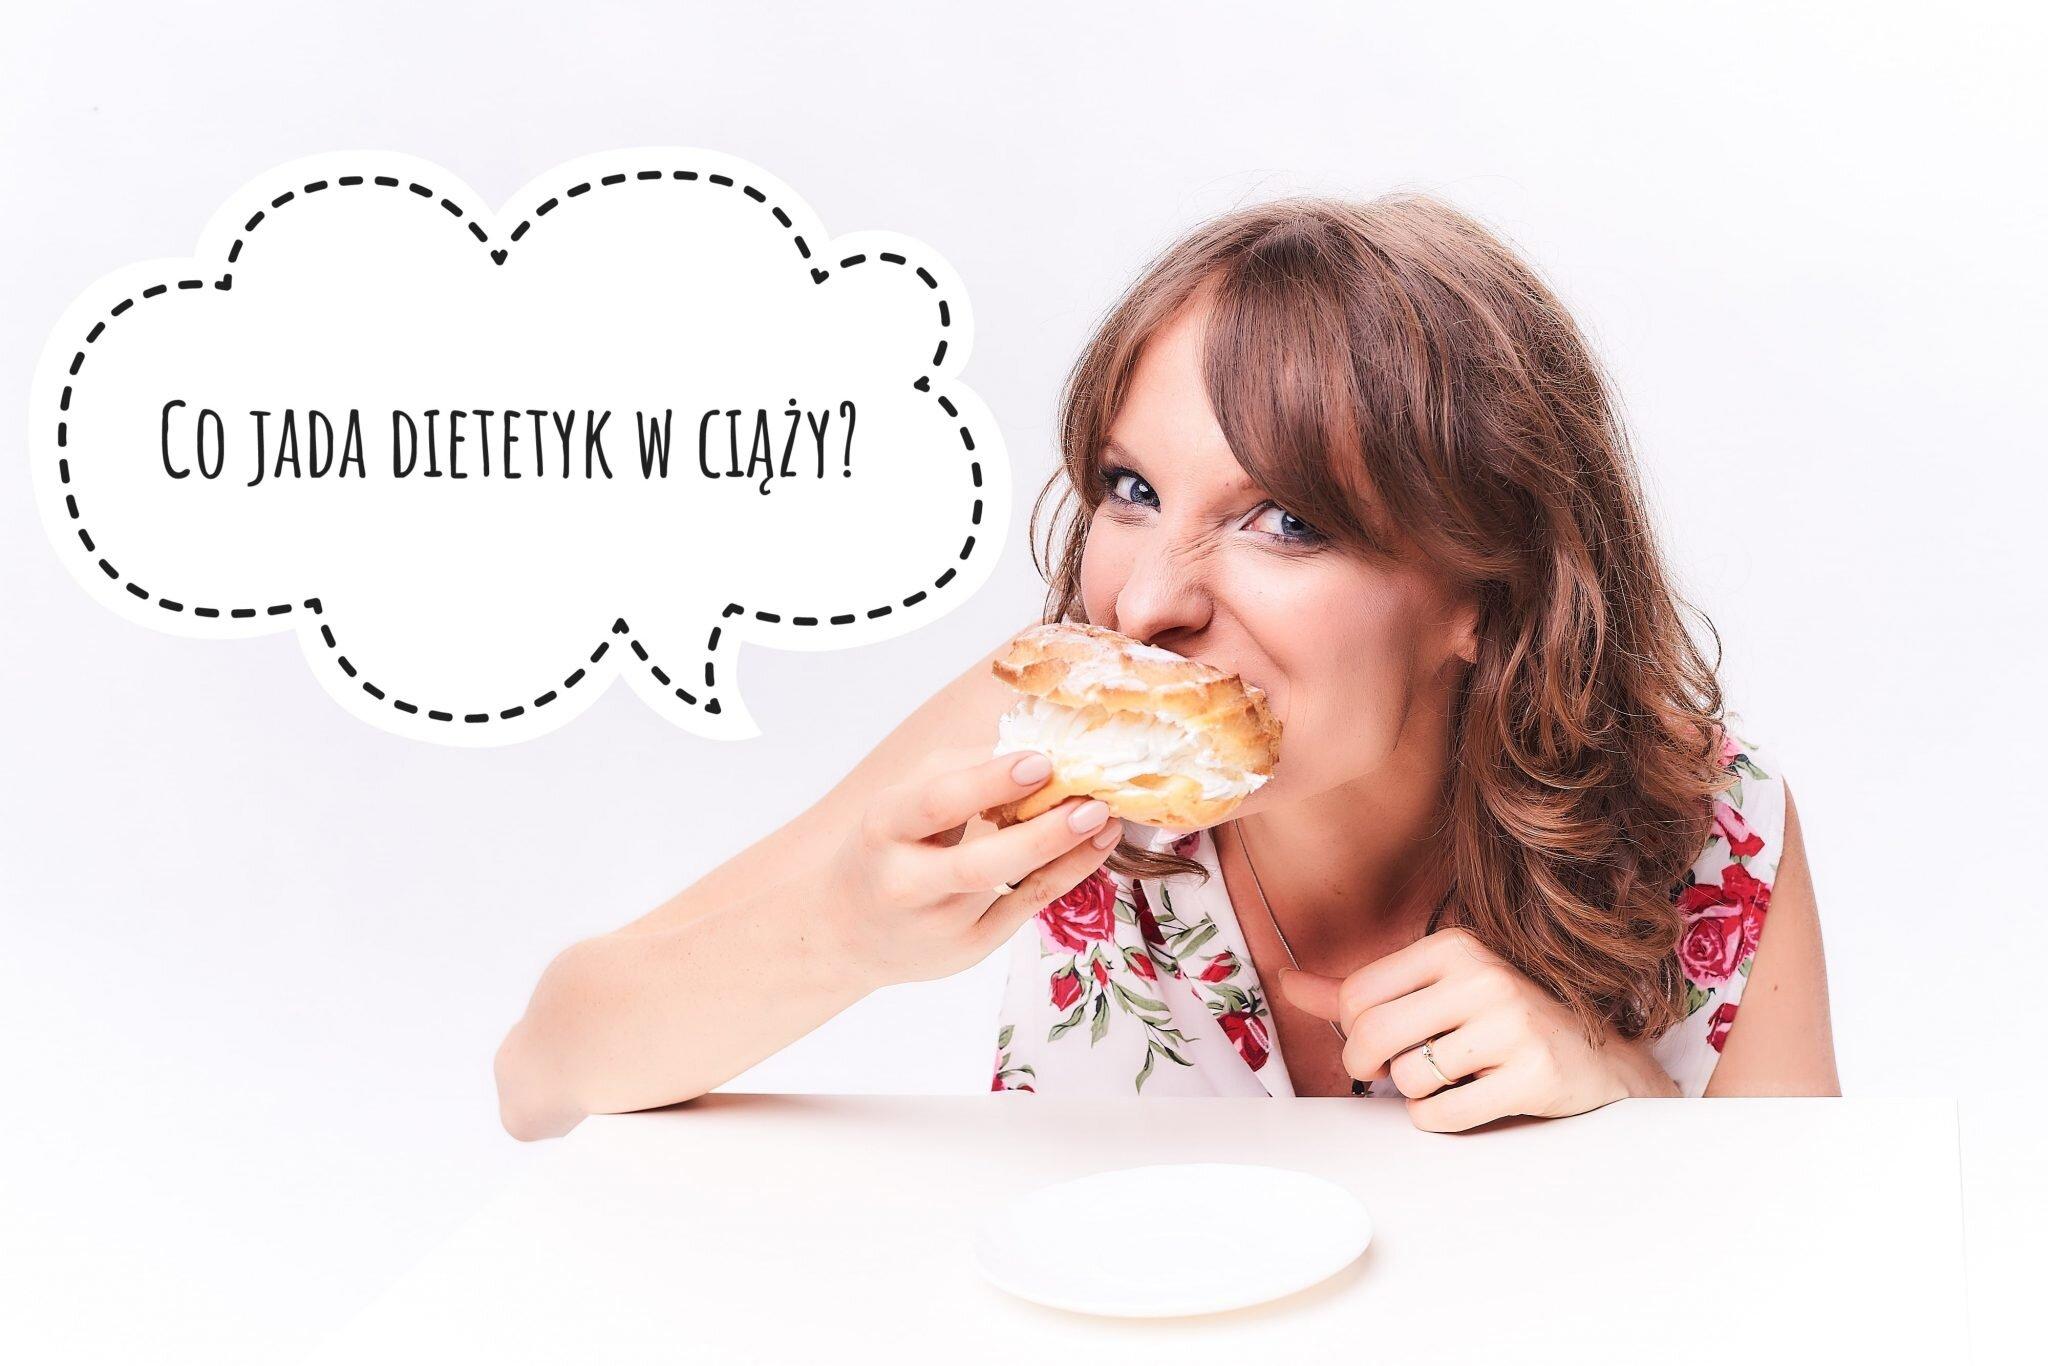 Dietetyk w ciąży - moje luźne przemyślenia - banner